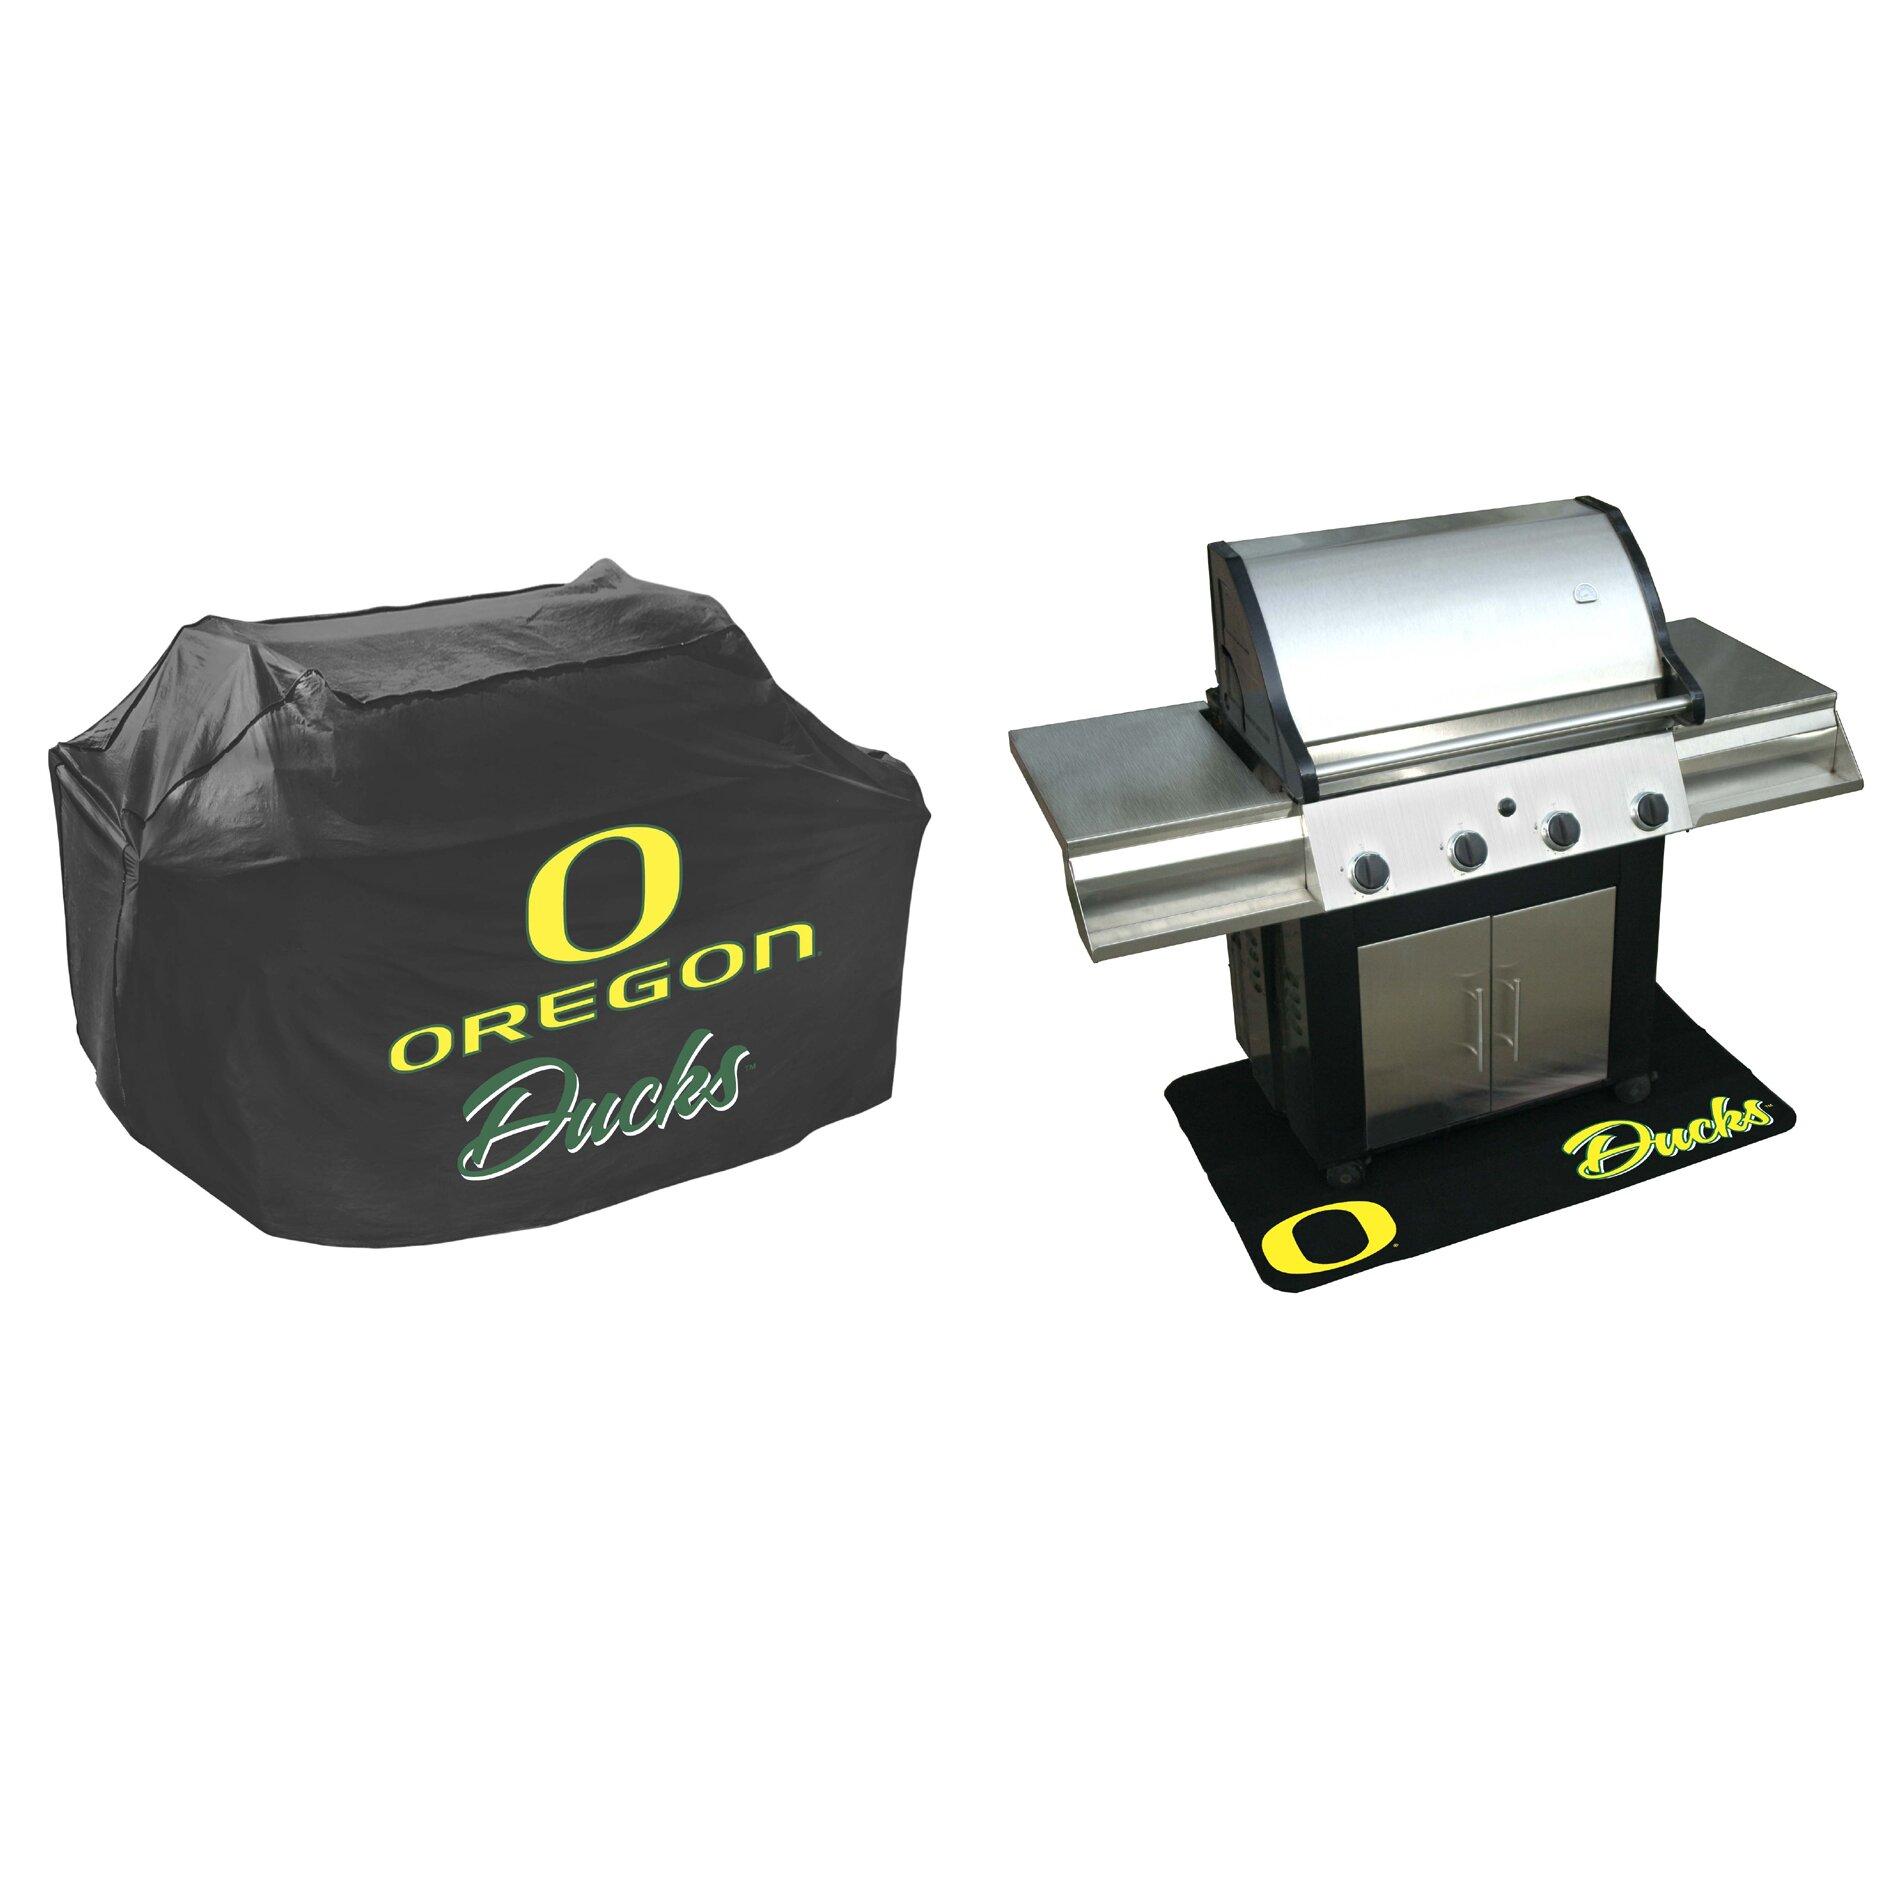 Floor mats b q - Mr Bar B Q Ncaa Grill Cover And Grill Mat Set